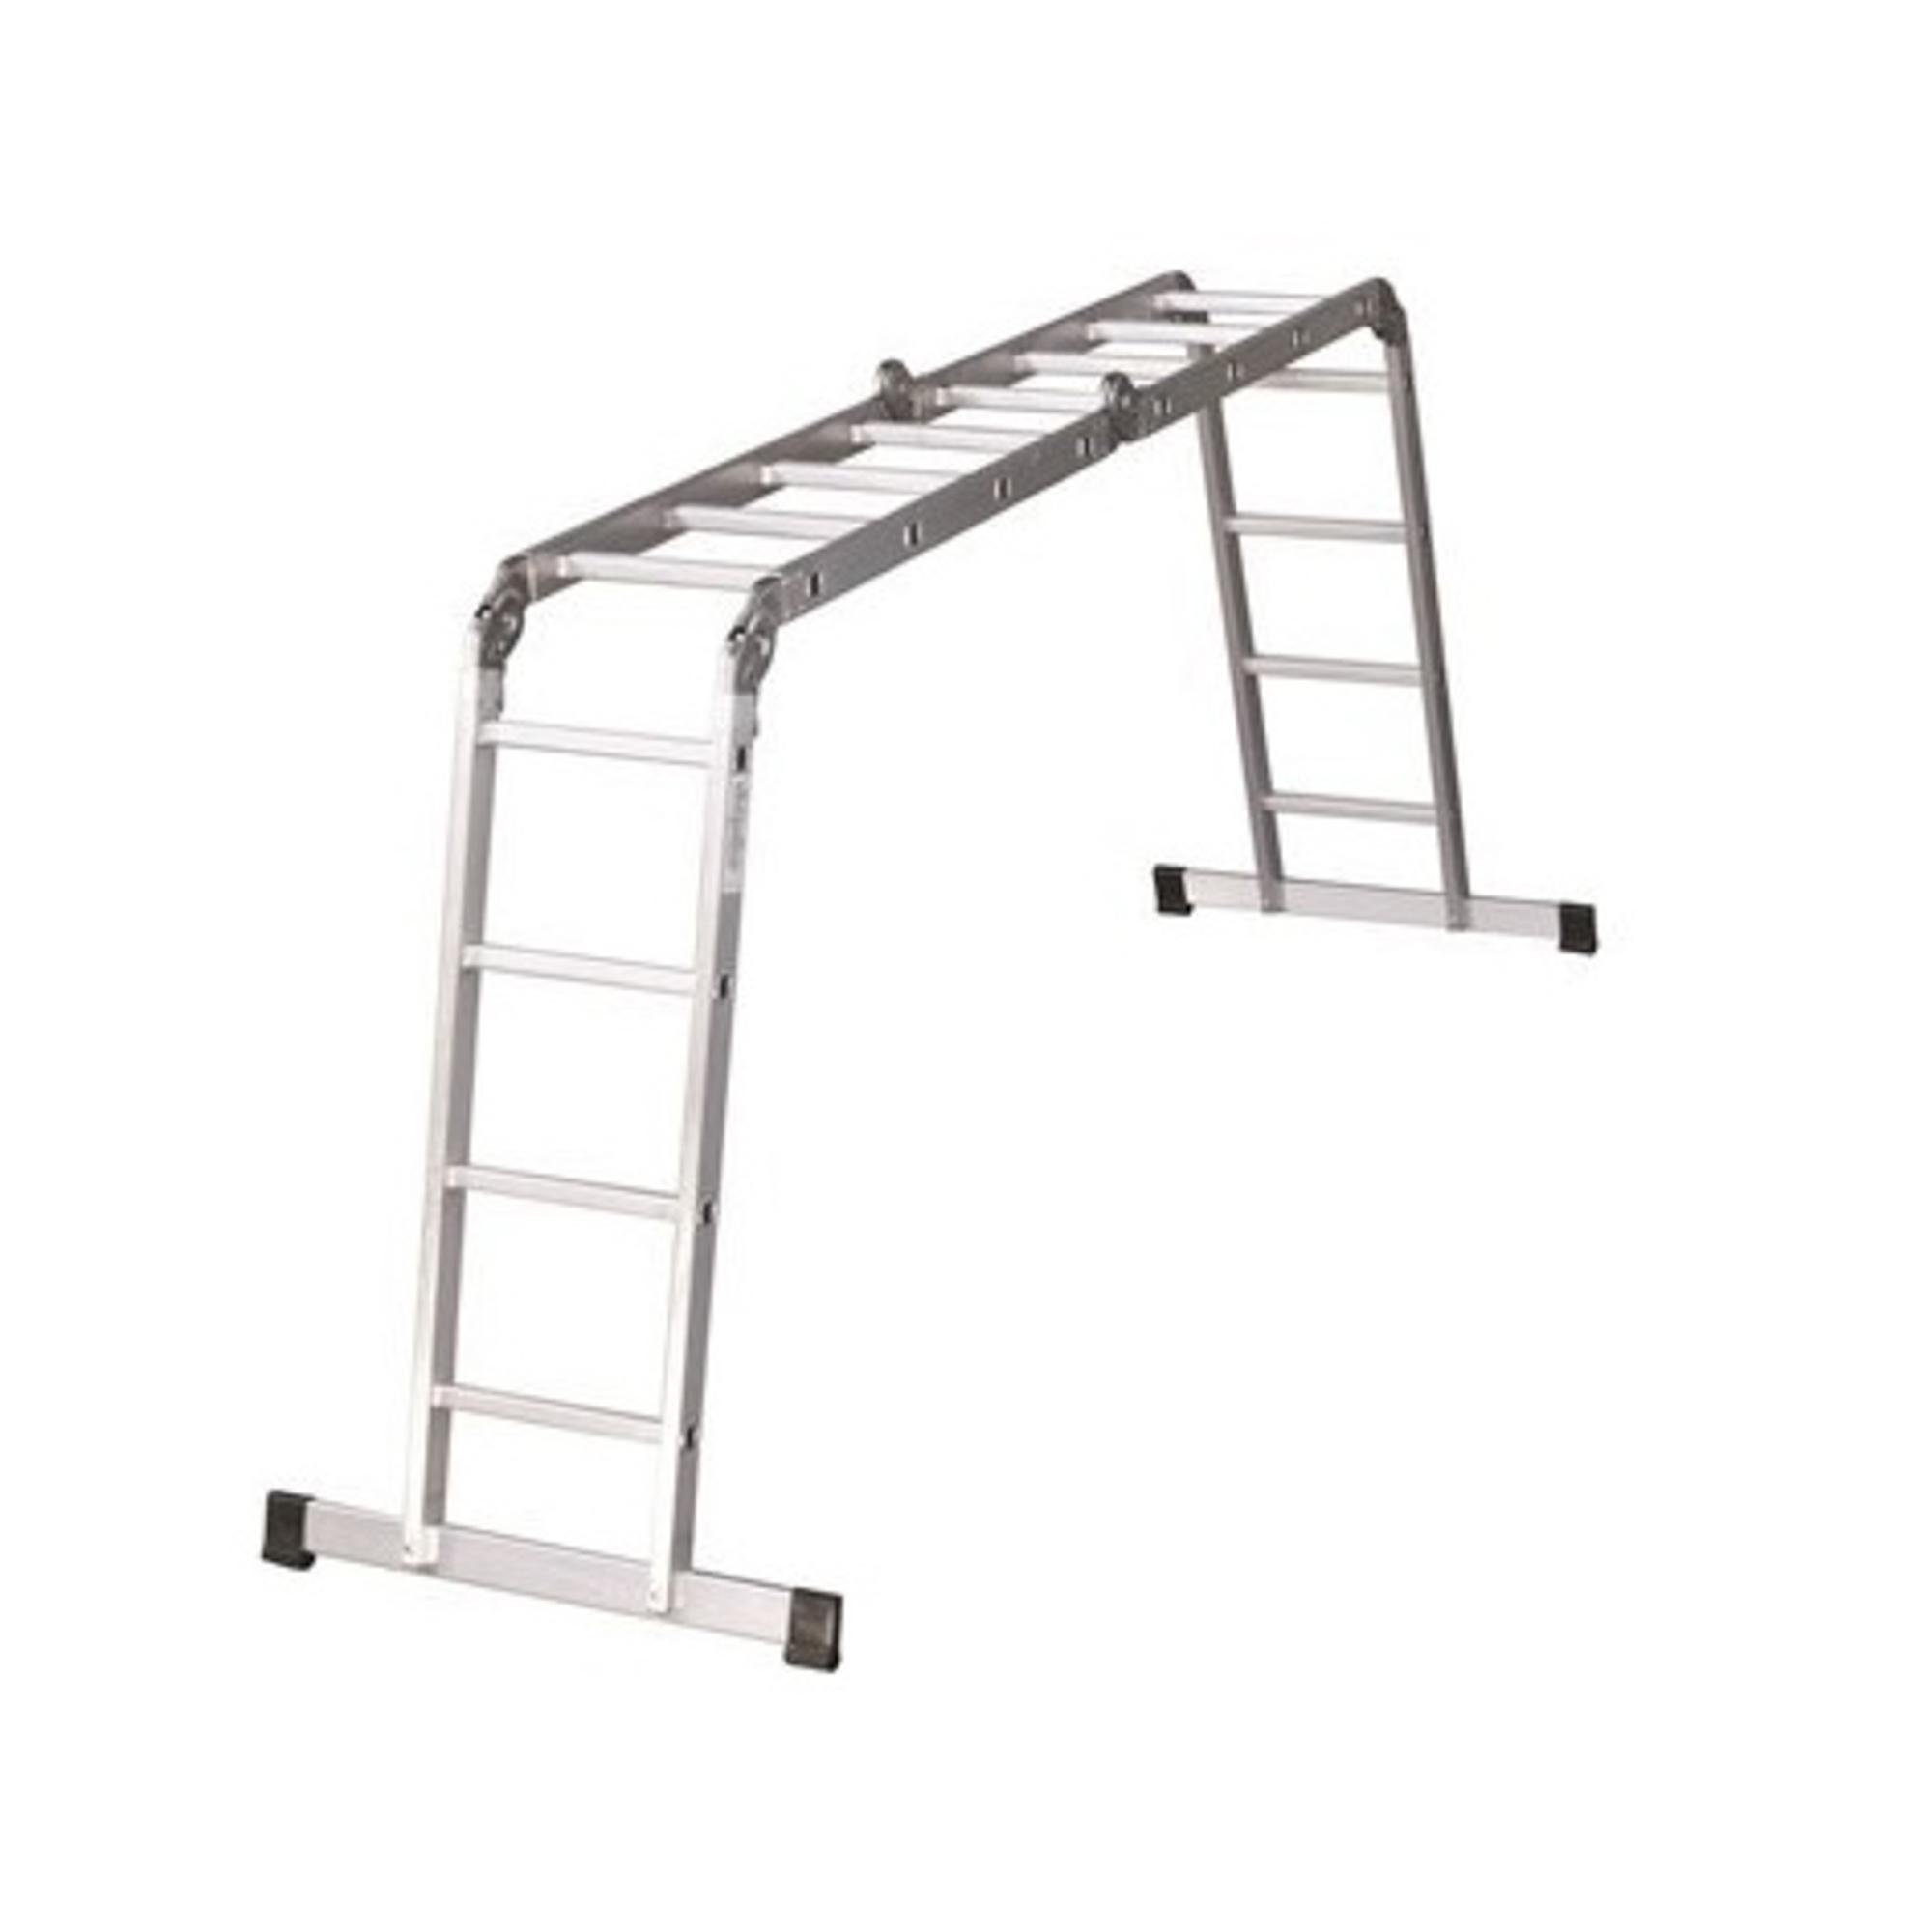 Фото - Лестница-трансформер 2х4+2х5 Ufuk лестница приставная новая высота односекционная алюминиевая 1х8 бытовая